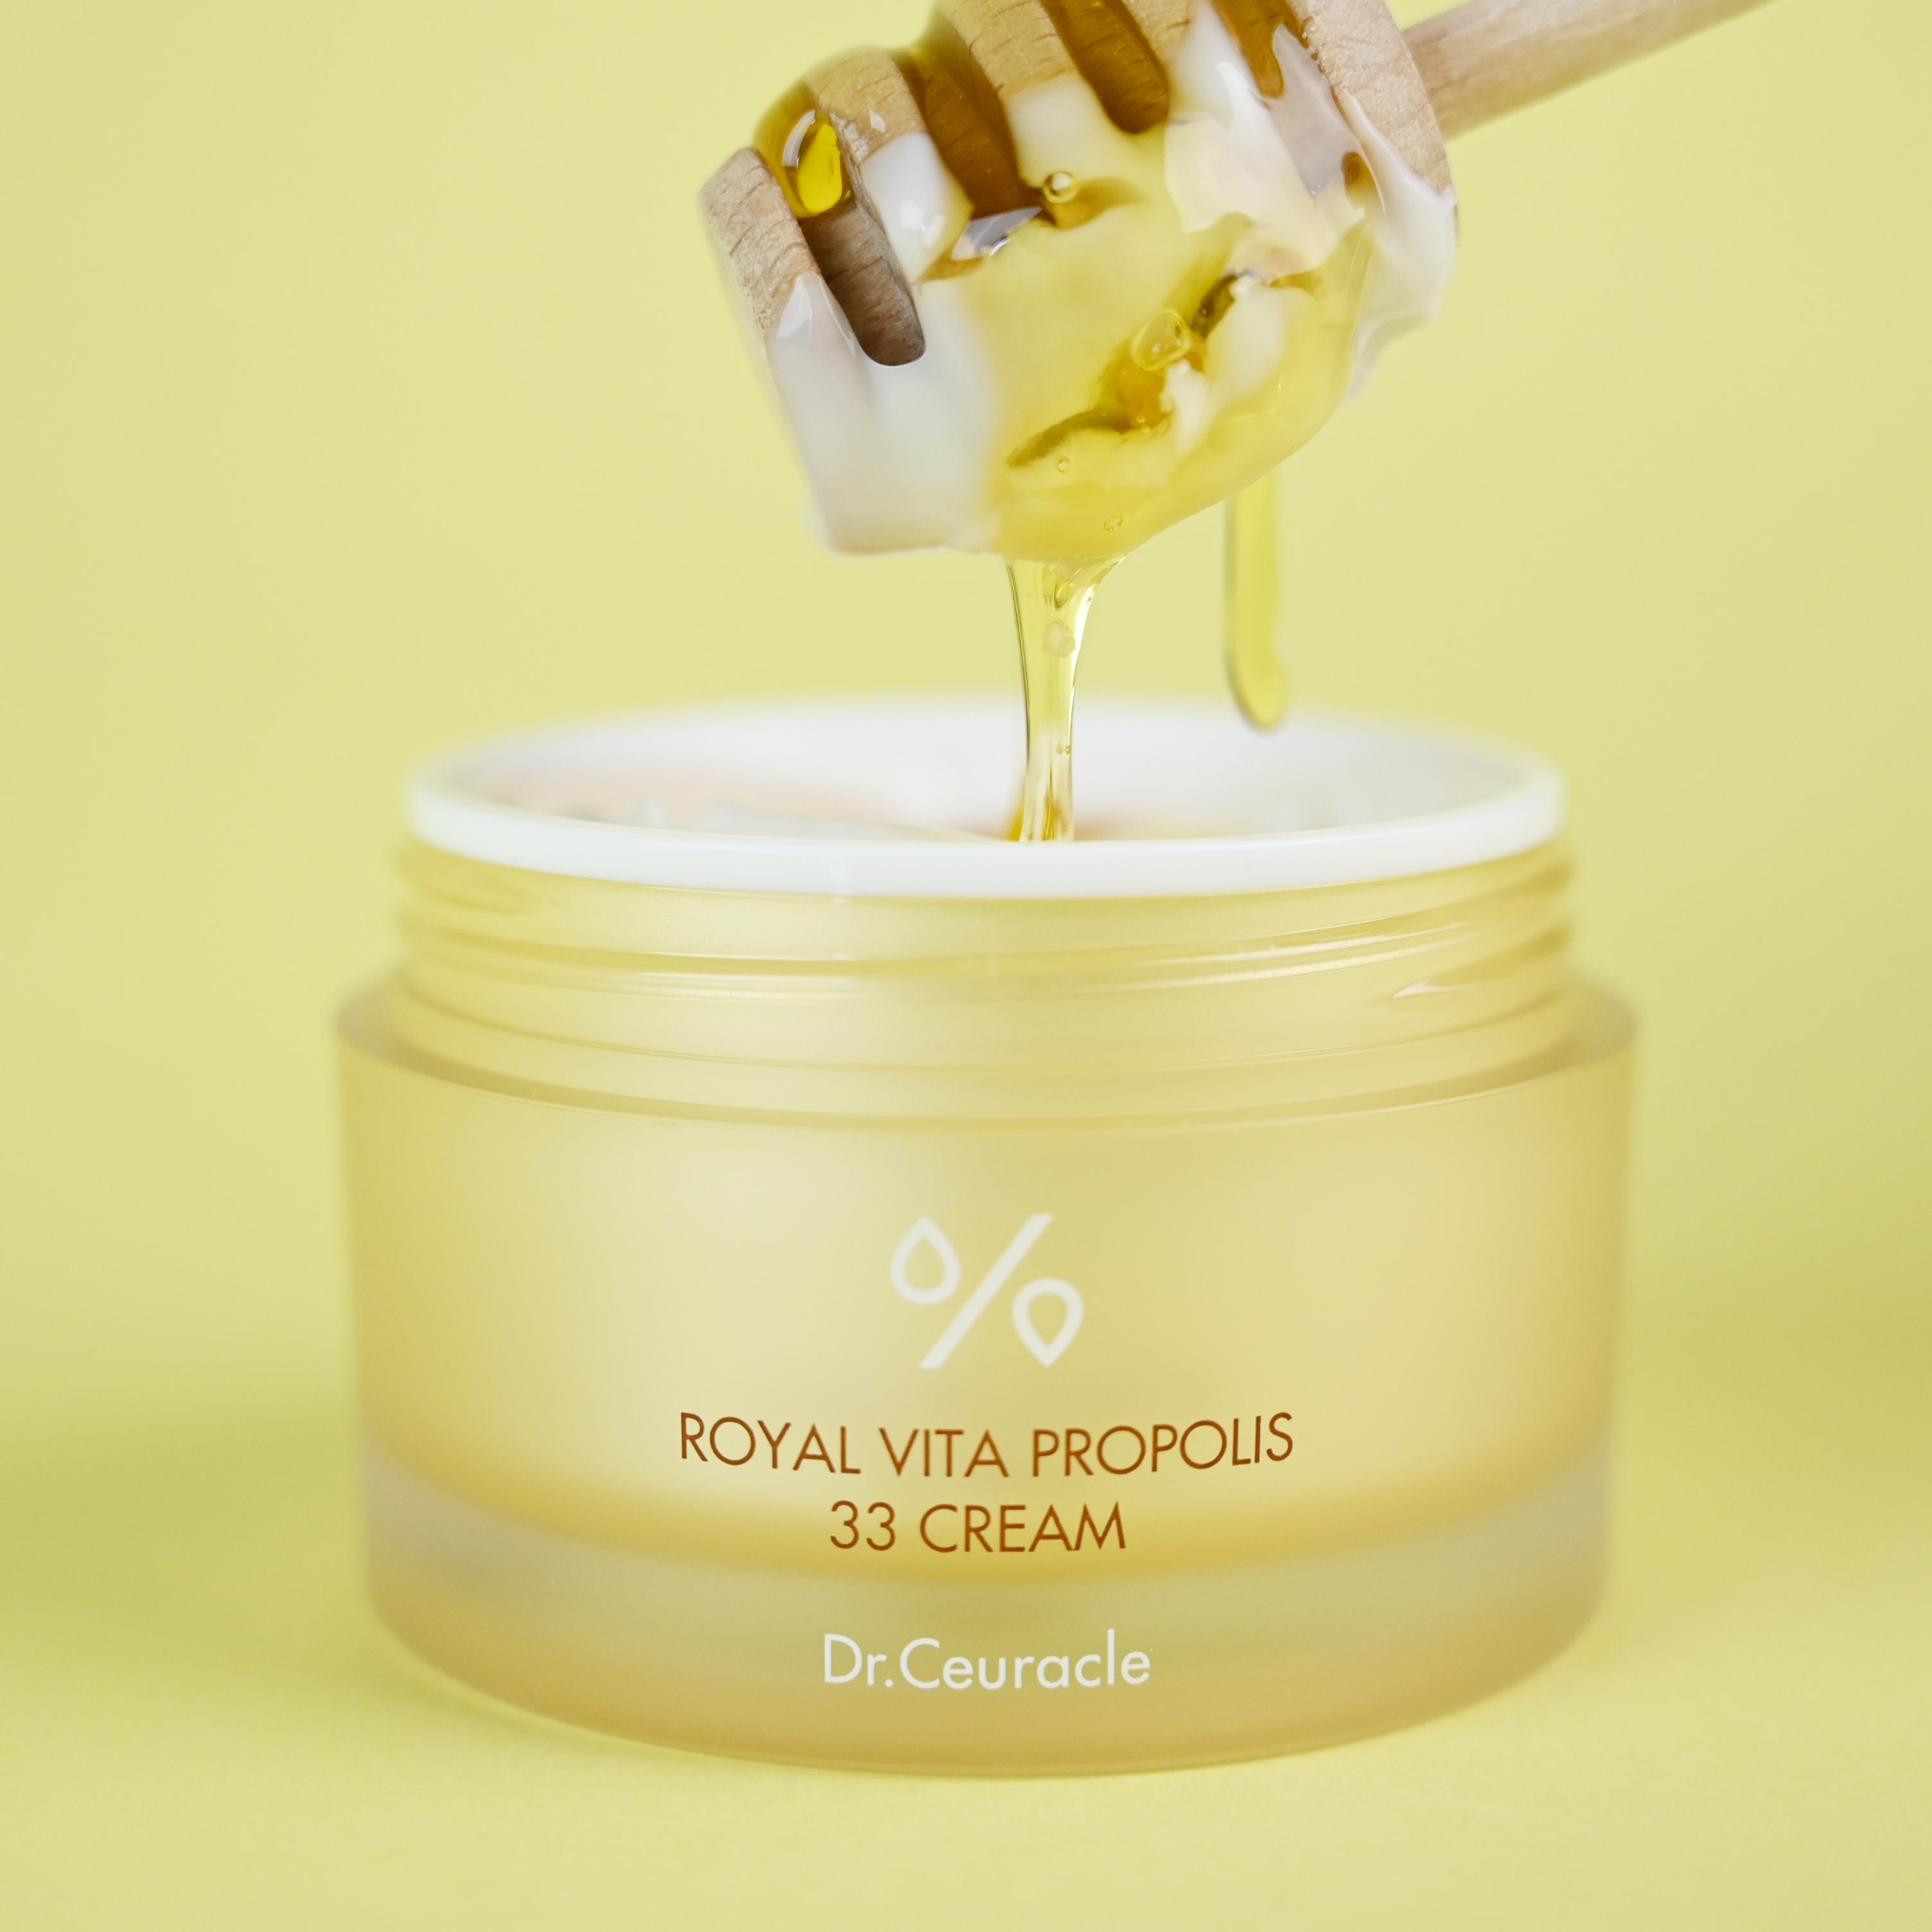 Королевский крем для лица с прополисом Royal Vita Propolis 33